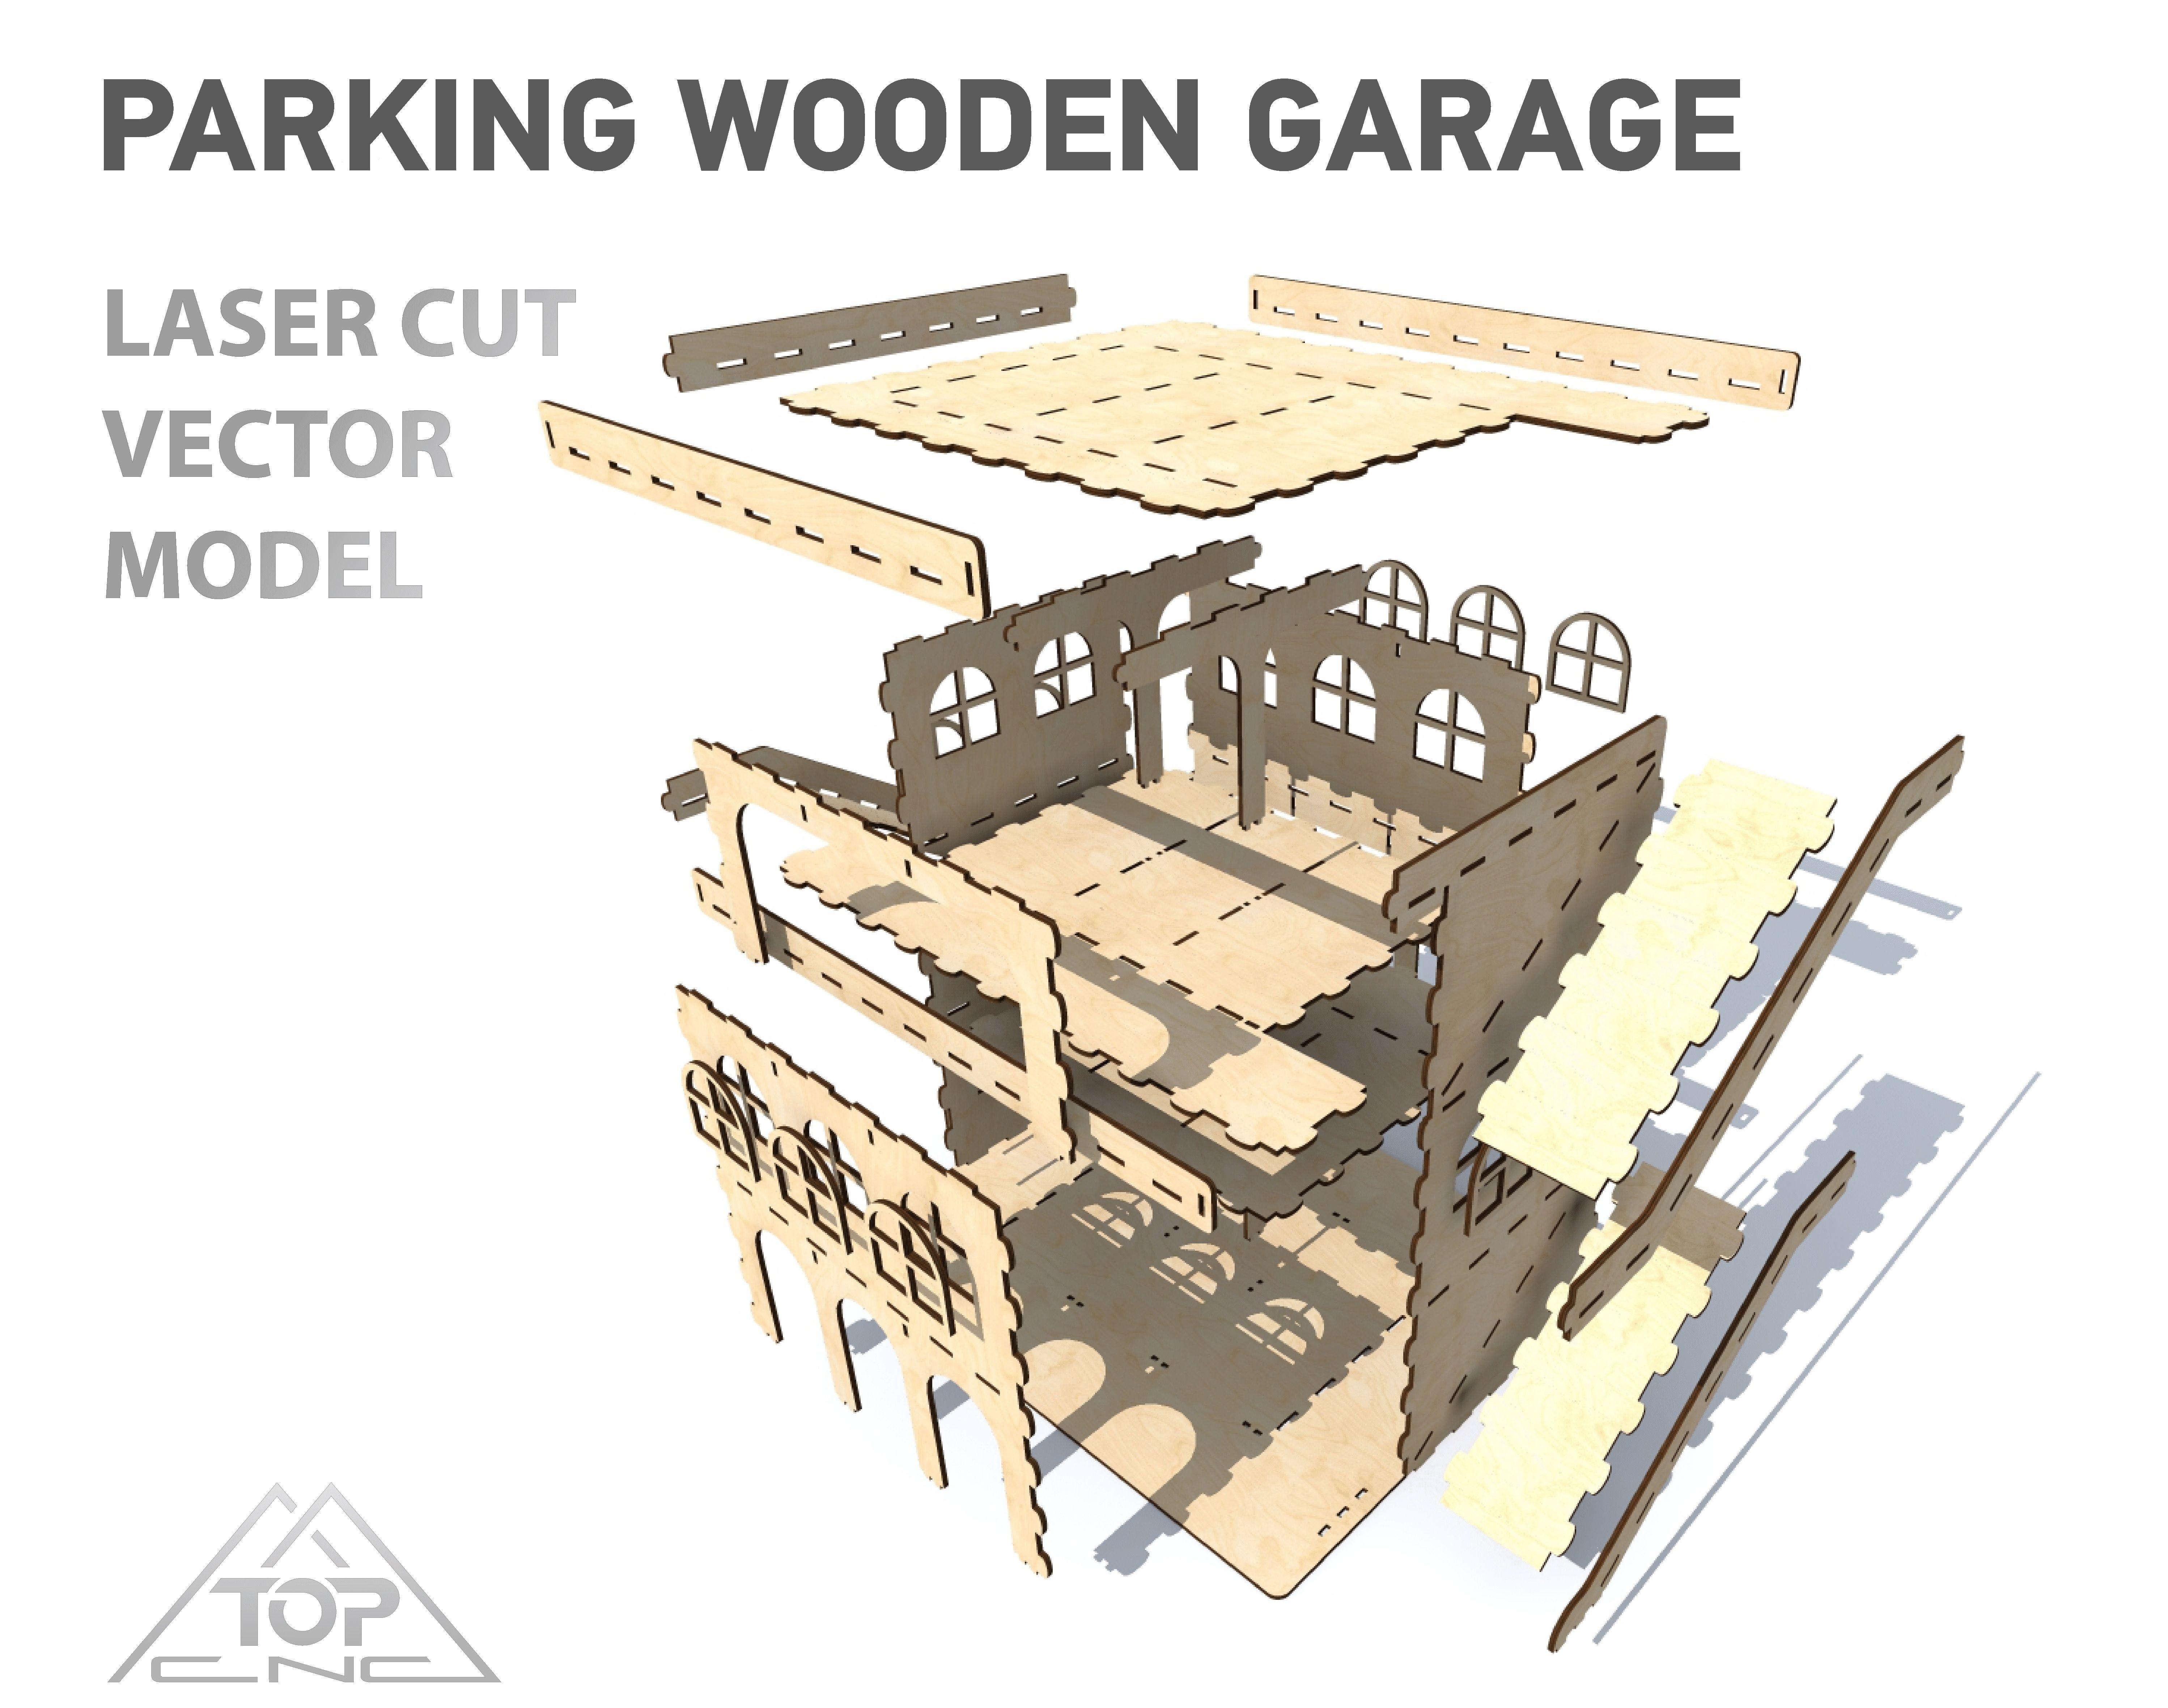 Parking vector model large wooden garage model laser cut DXF CDR EPS AI SVG